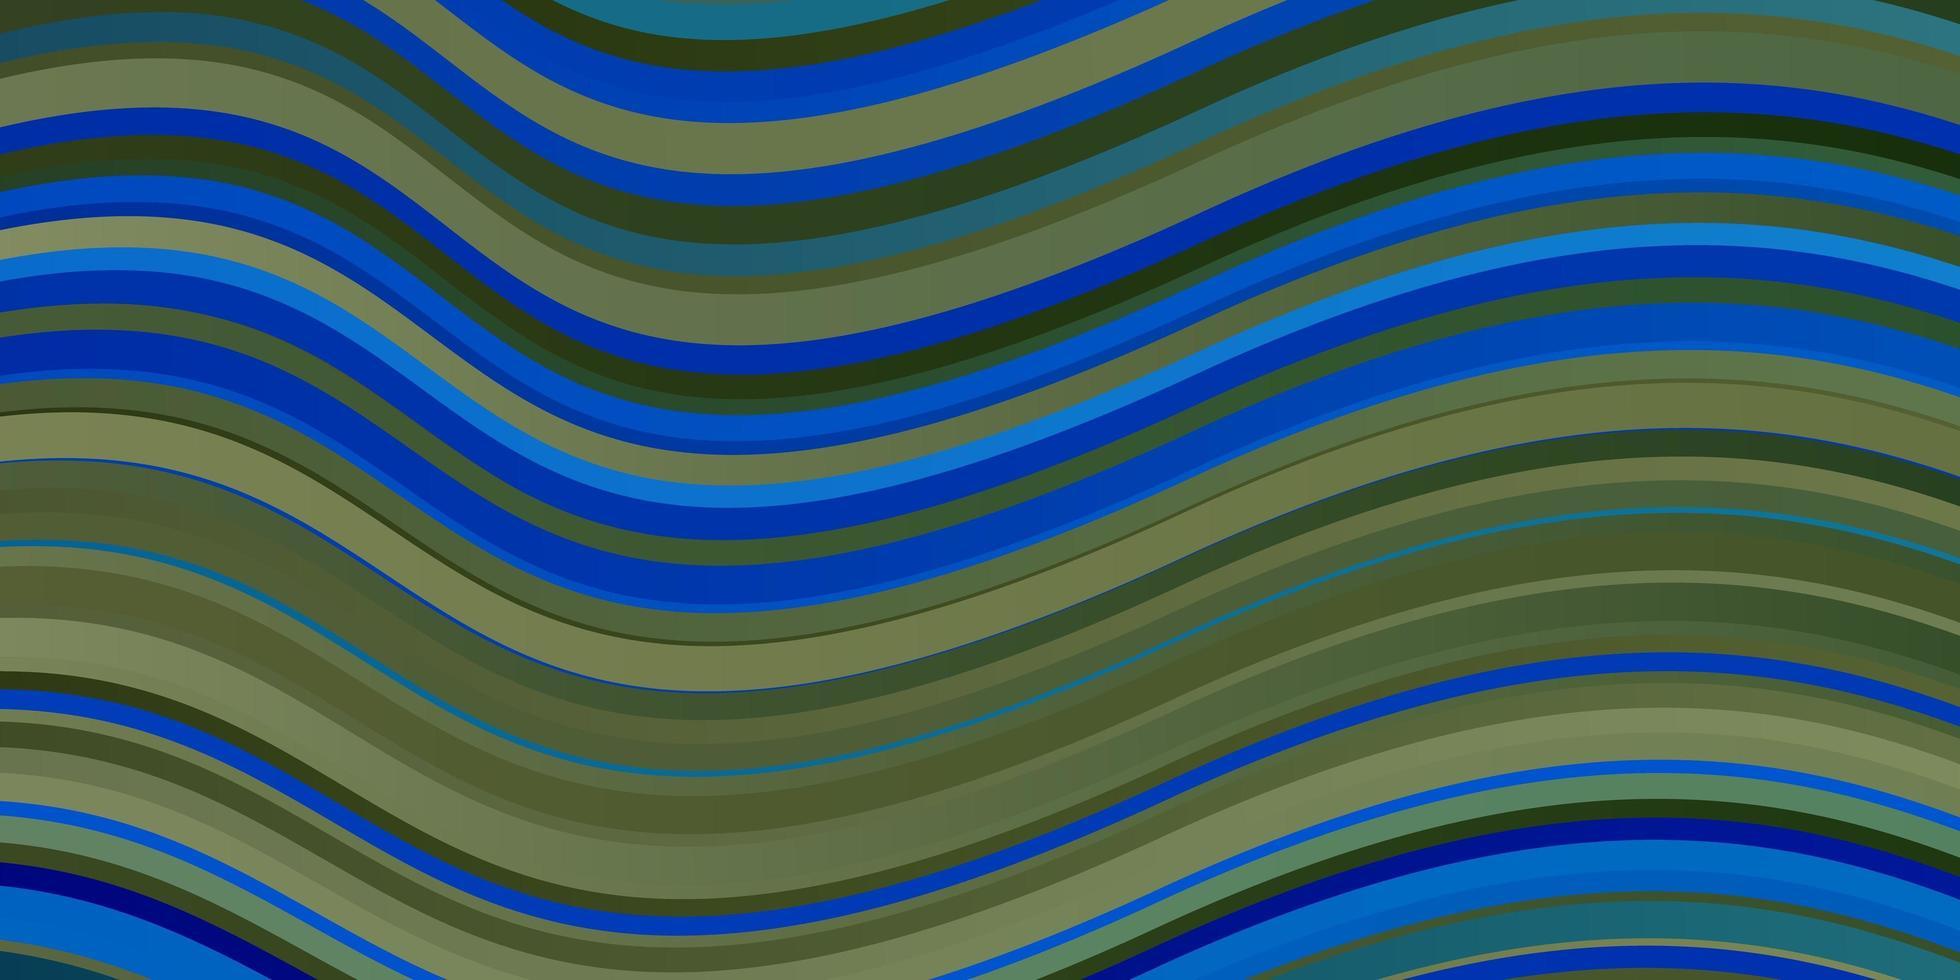 fundo azul escuro com linhas irônicas. vetor